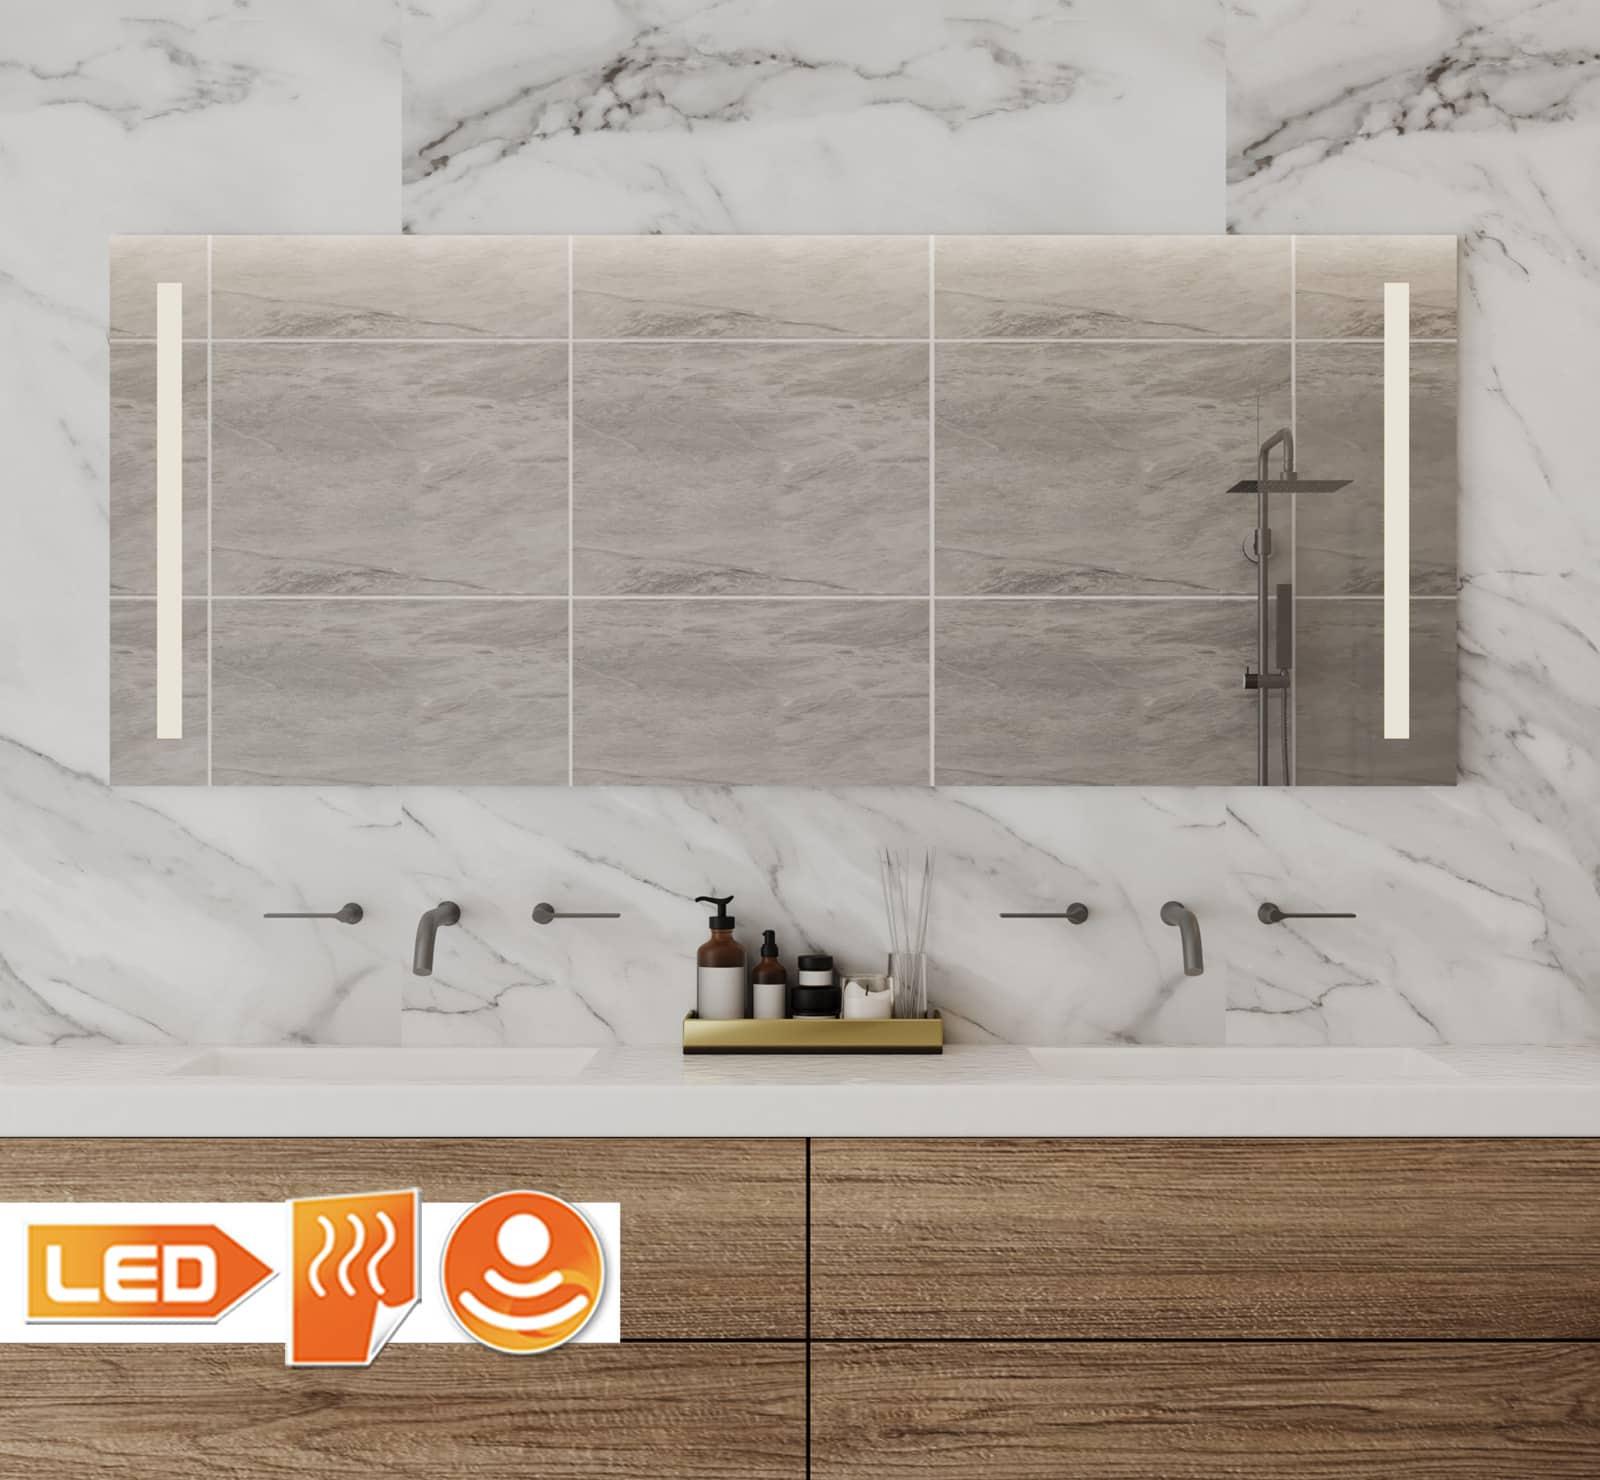 140 cm brede badkamer spiegel met verlichting verwarming en dimmer